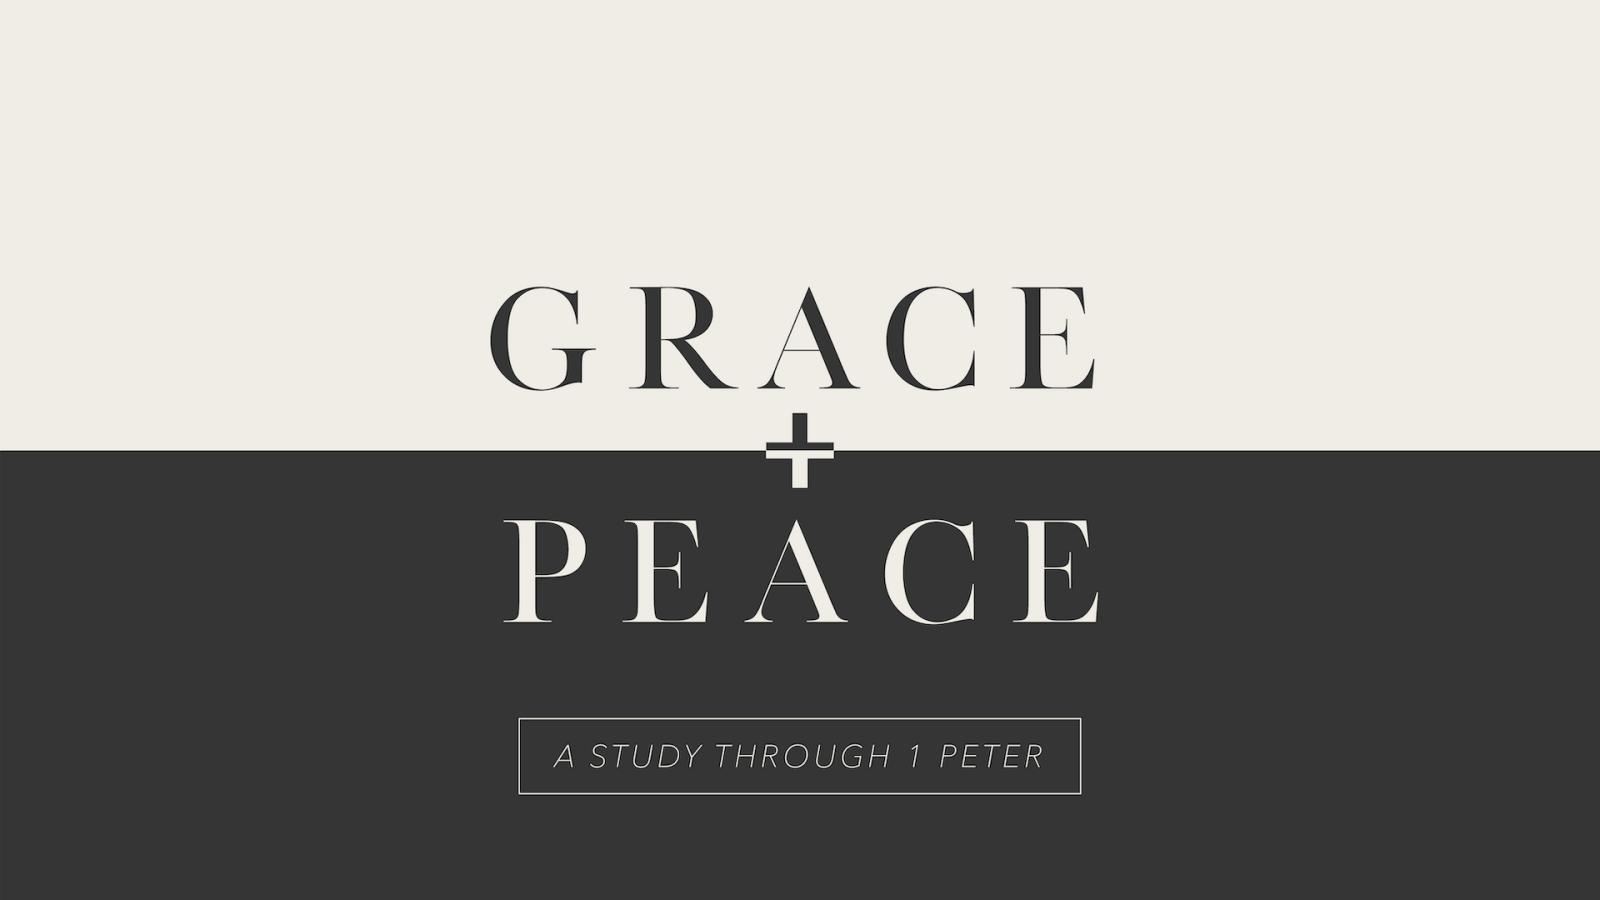 GRACE + PEACE